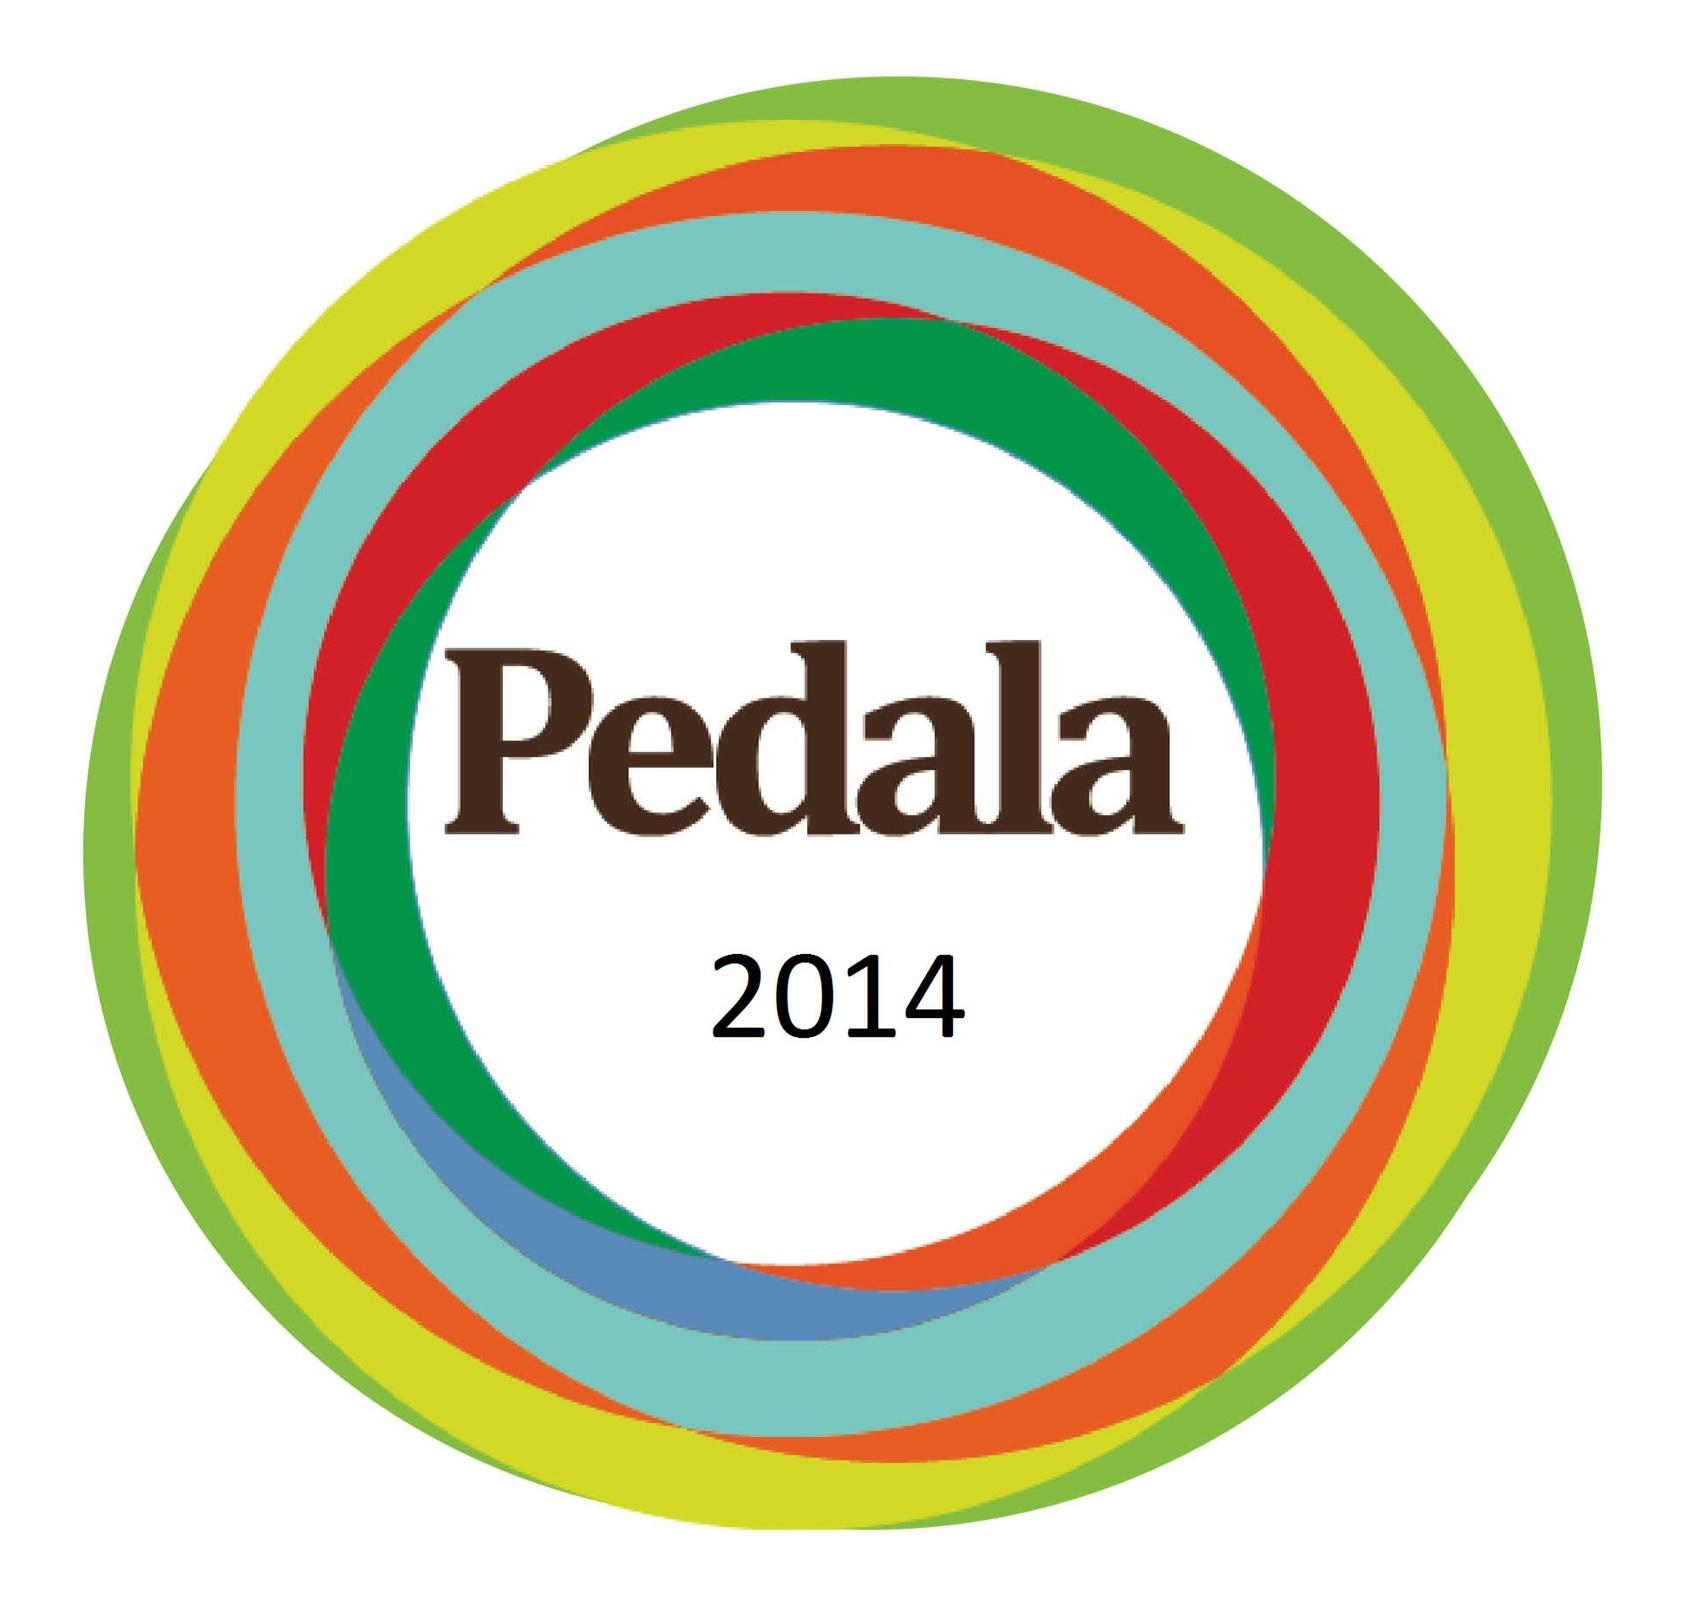 Pedala 2014